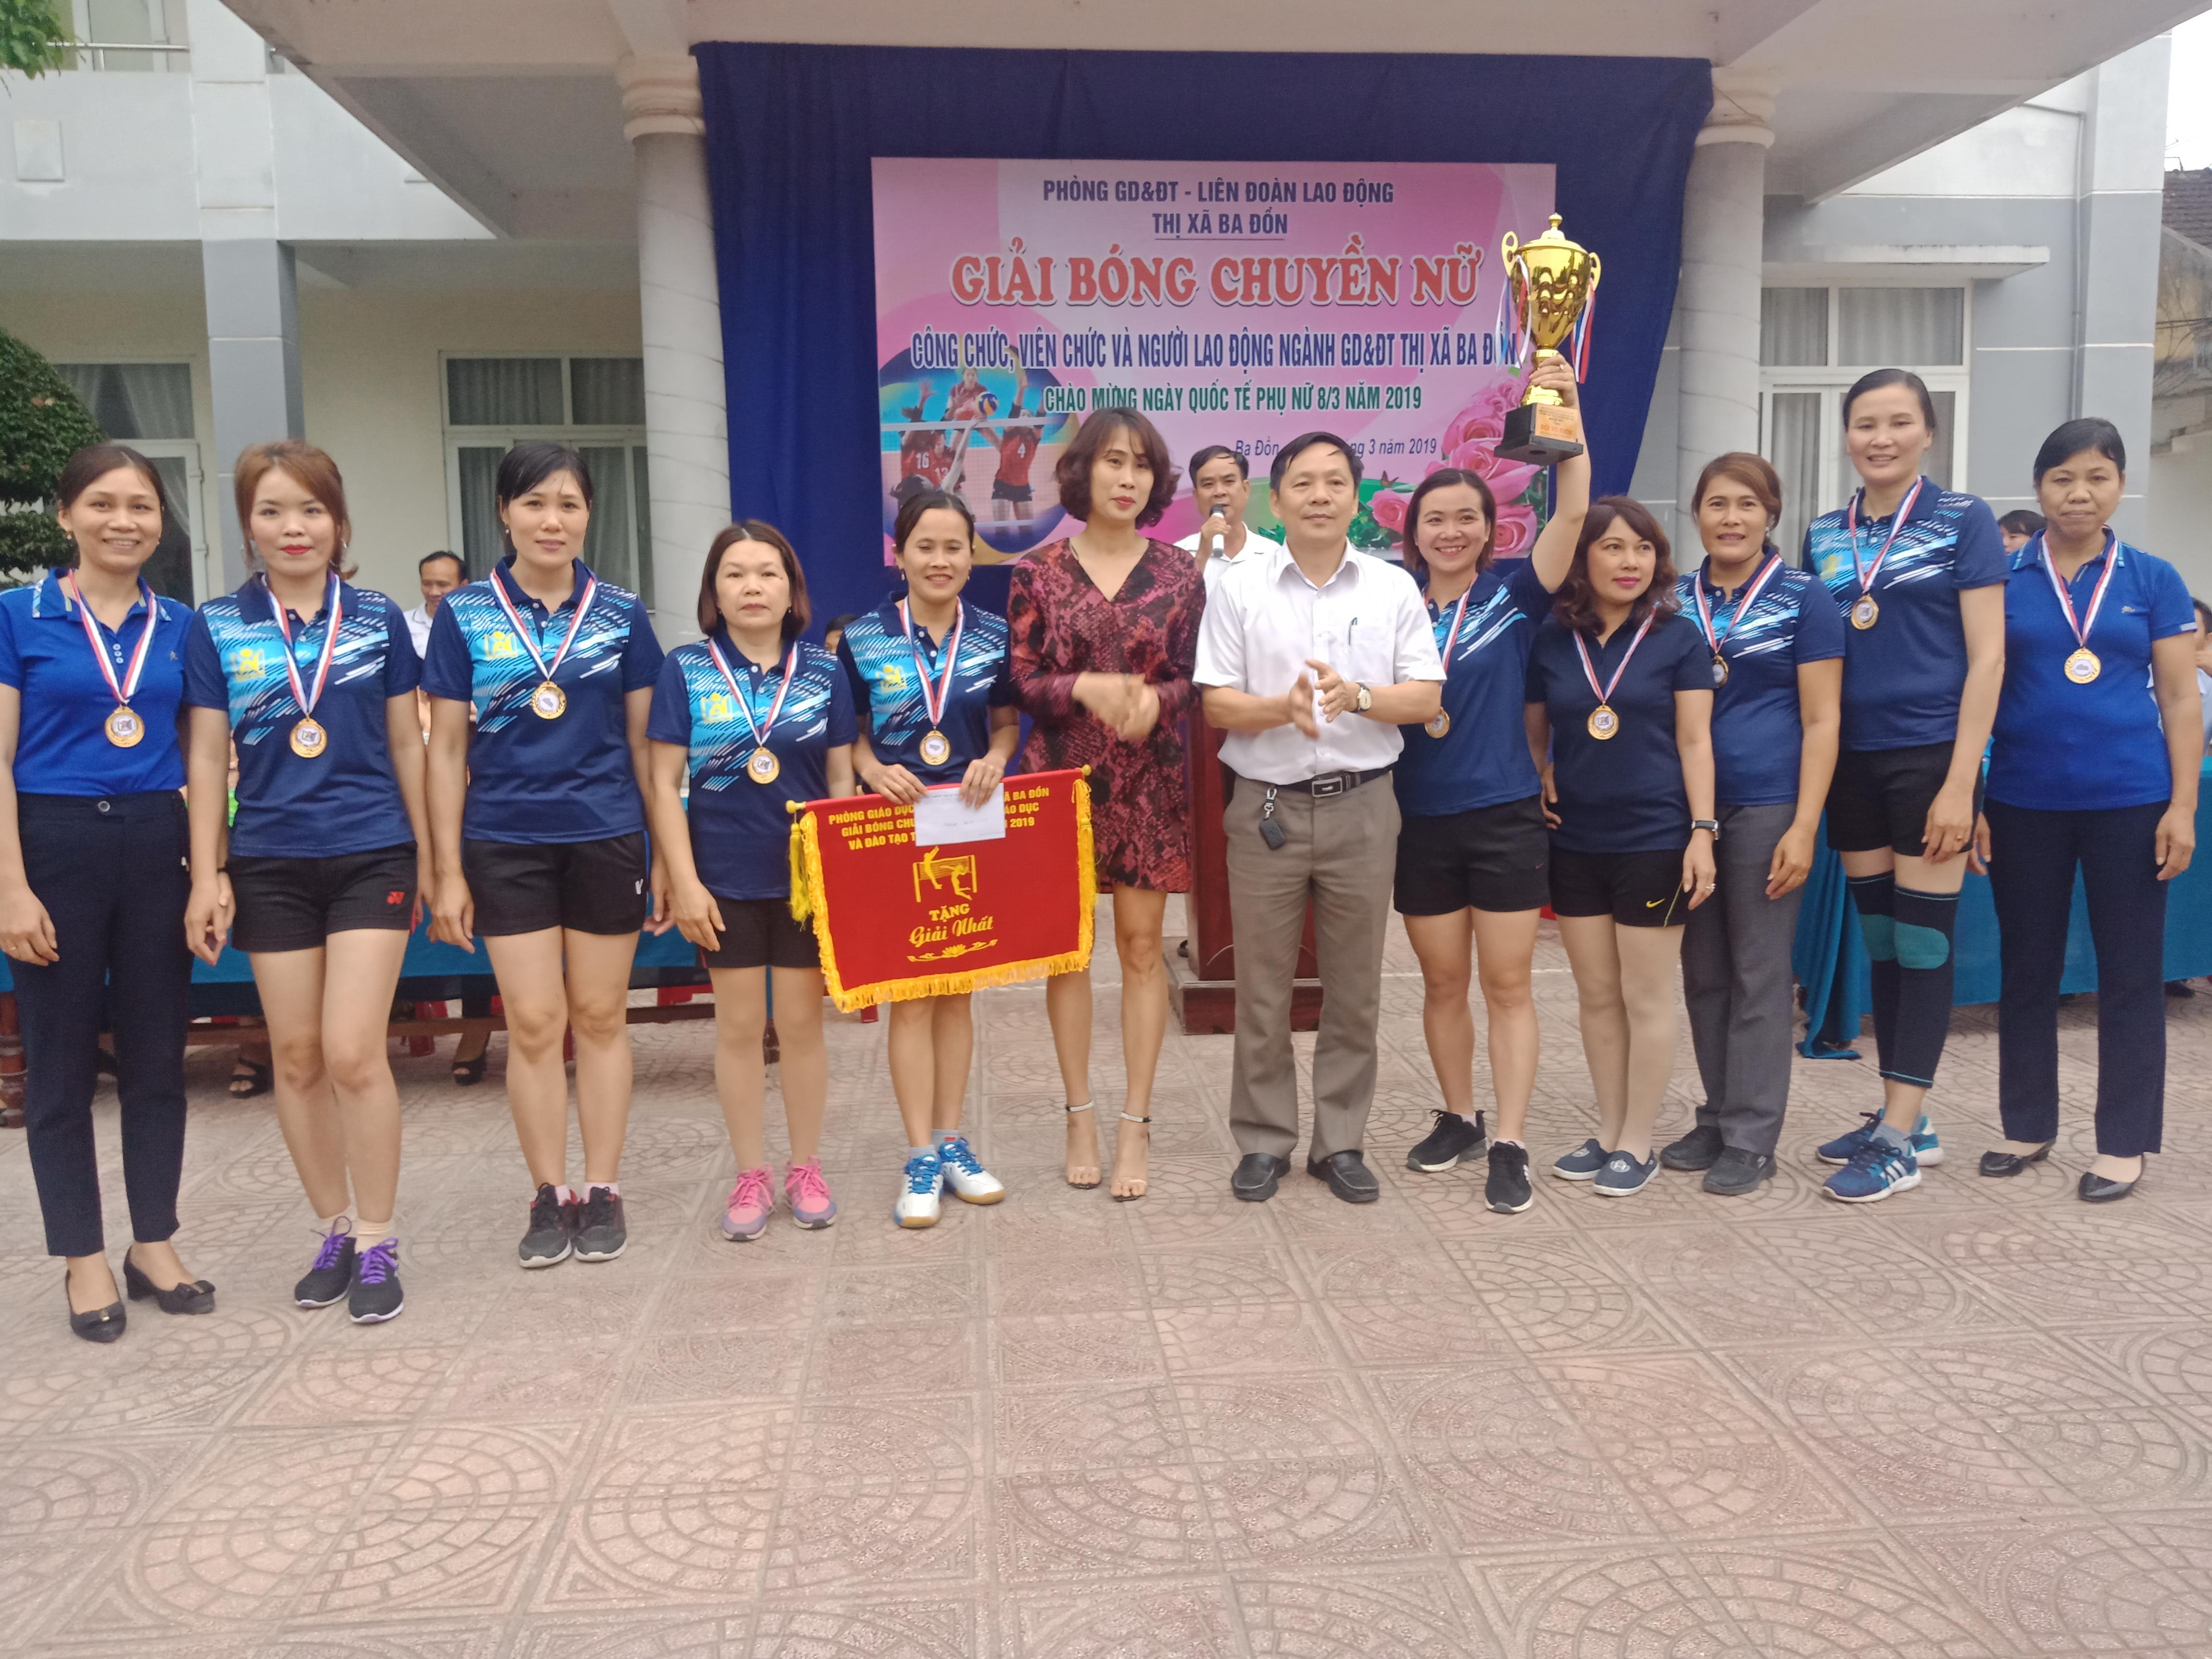 Đội bóng nữ trường TH Quảng Minh A tại giải bóng chuyền nữ cấp thị xã